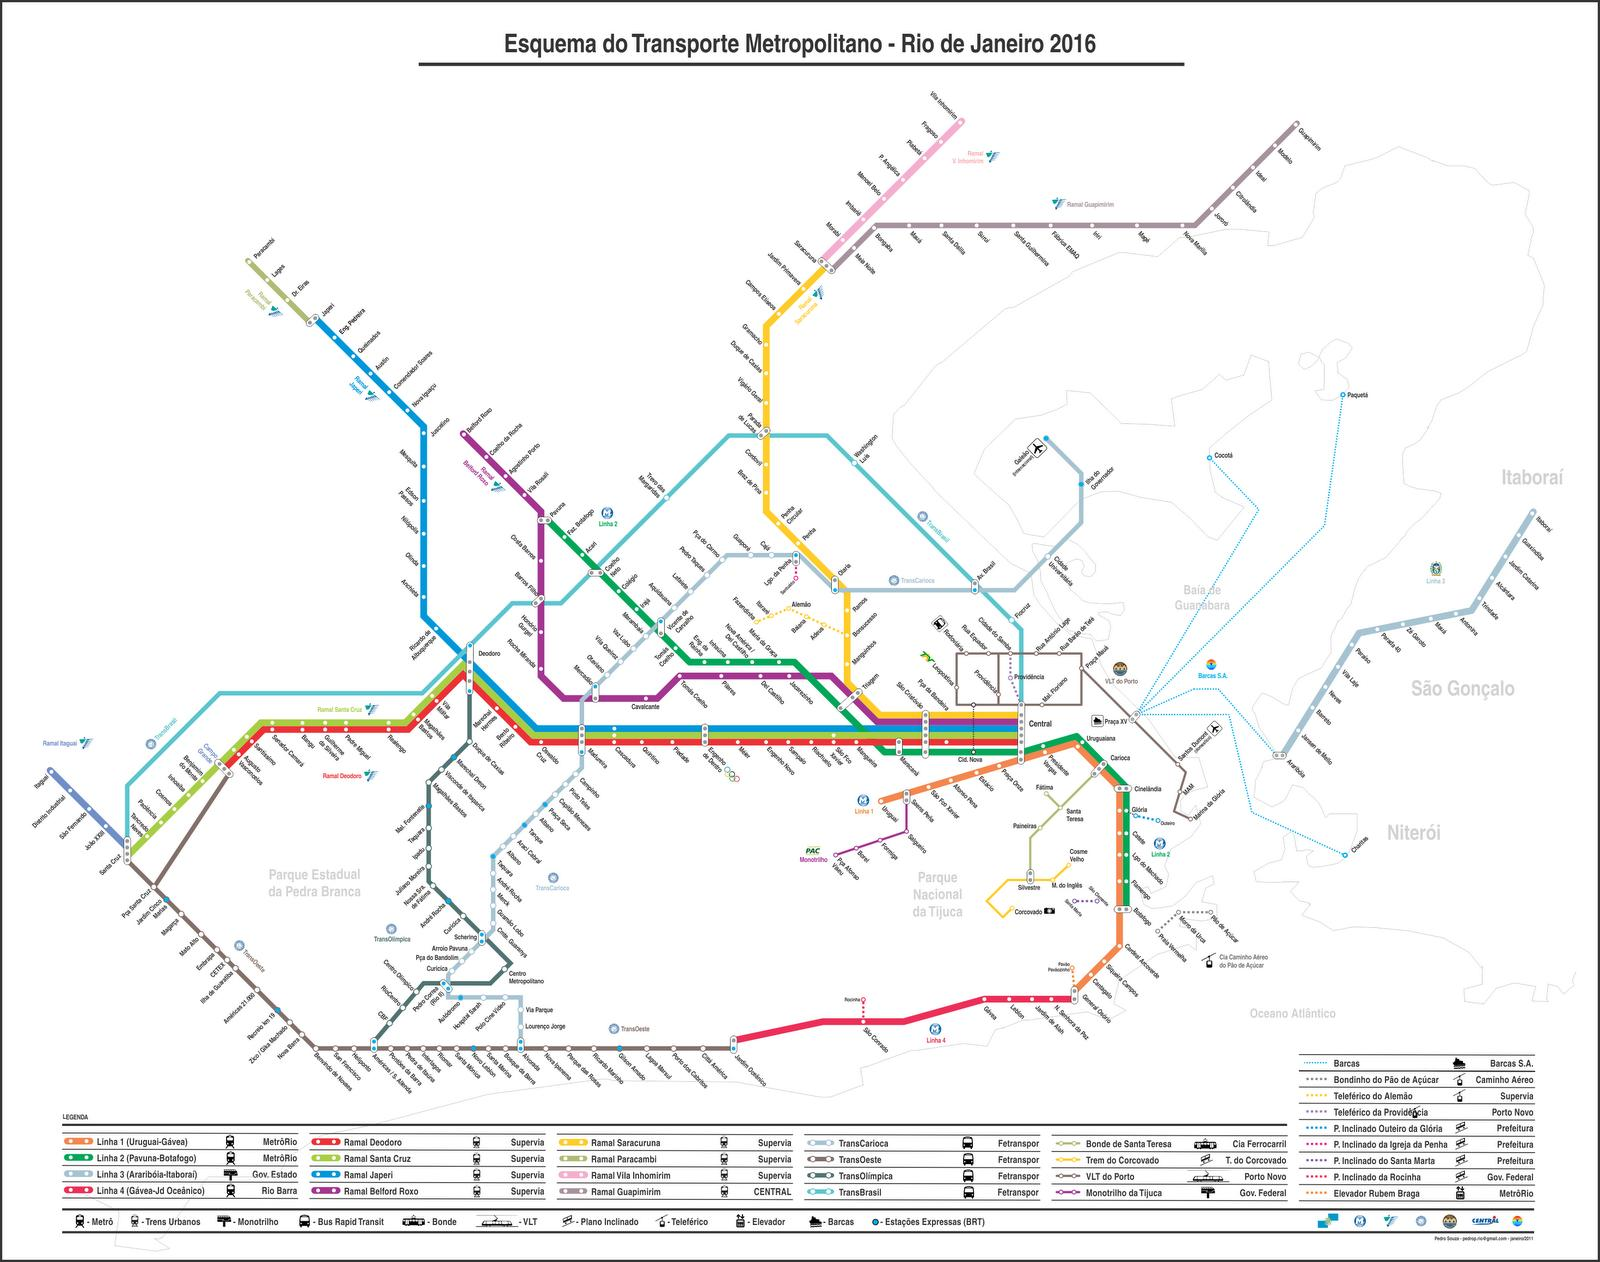 brt bus rio de janeiro map map of brt bus rio de janeiro